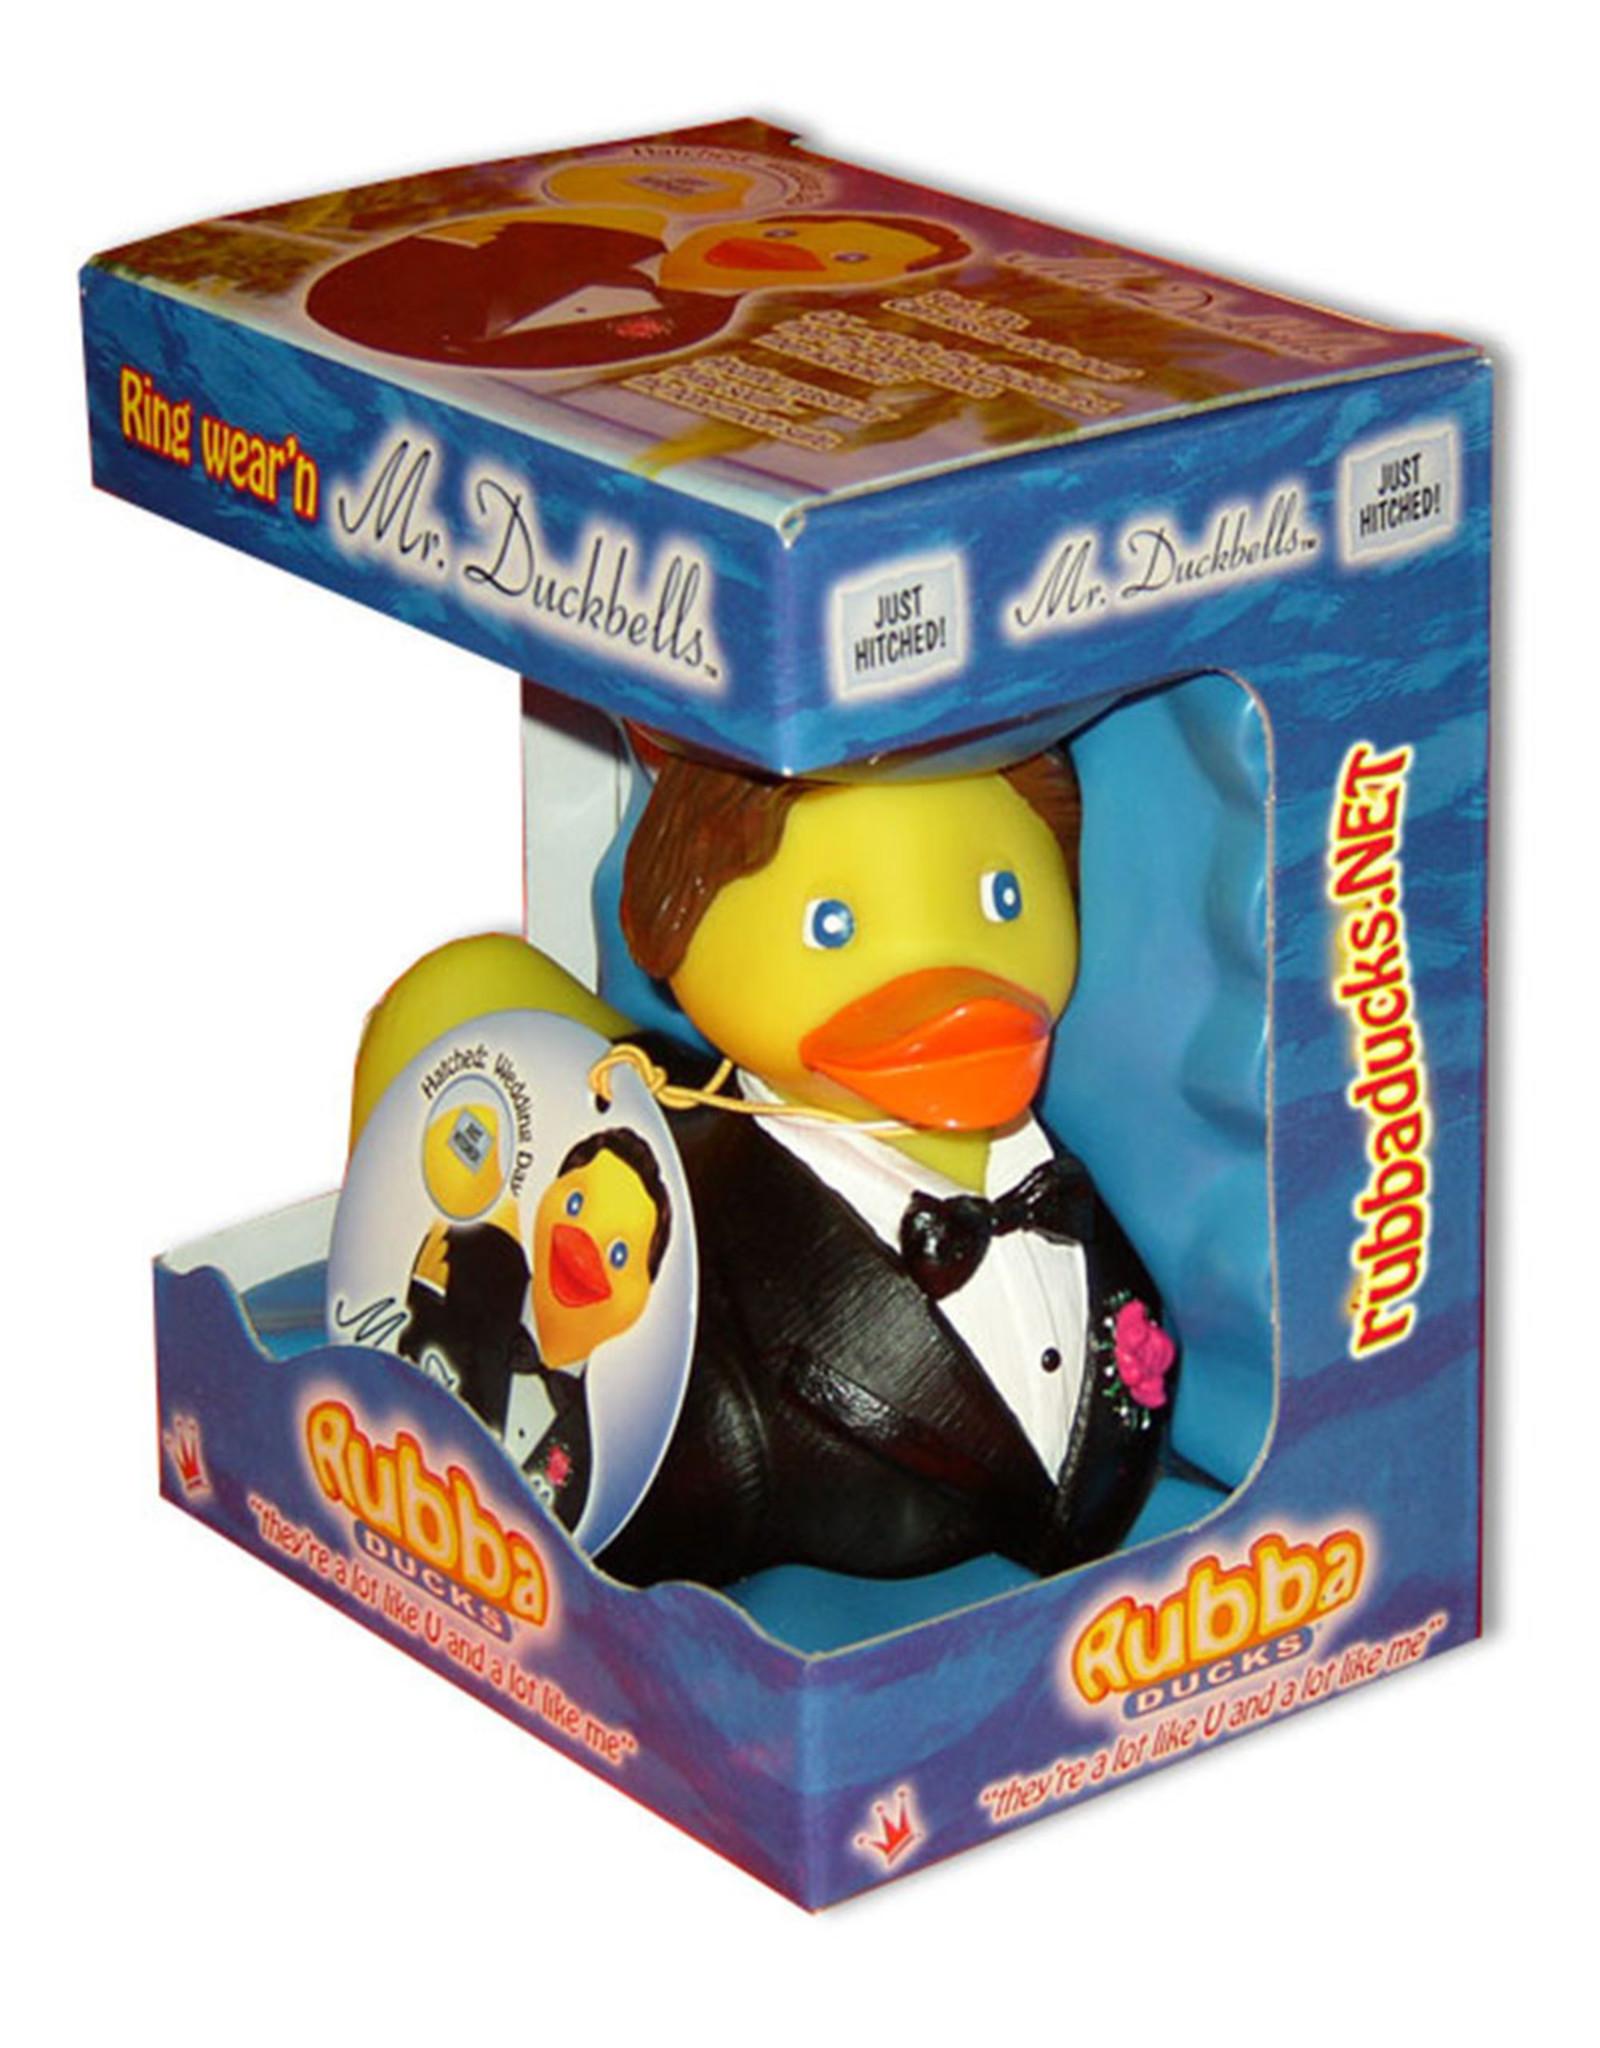 M. Duckbells